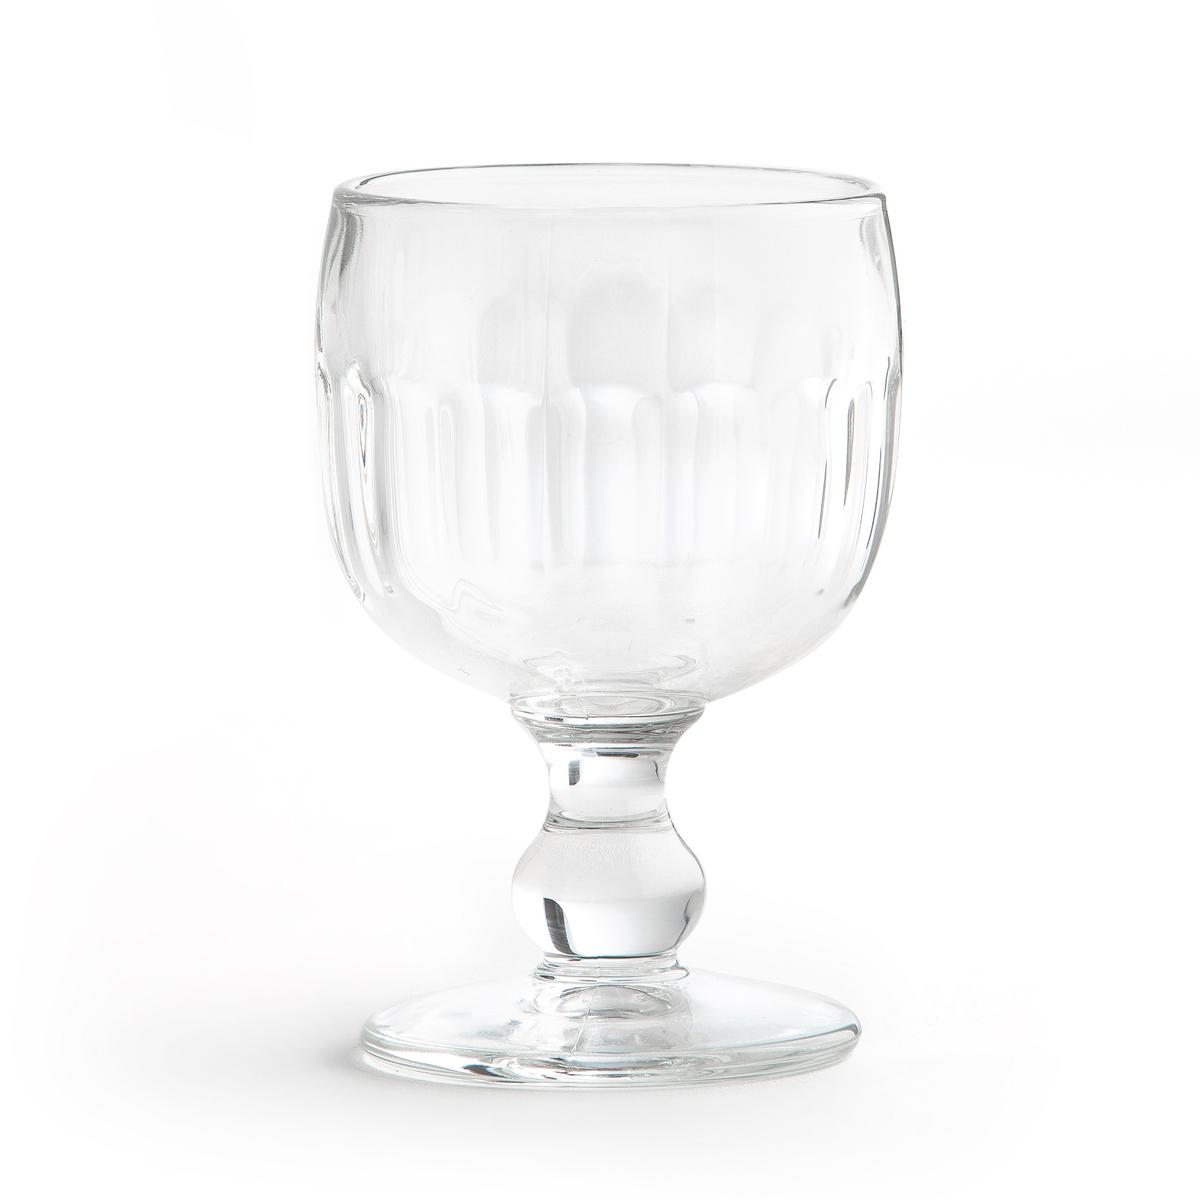 6 бокалов под вино ALCHYSE6 бокалов под вино Alchyse . Из прозрачного стекла . Подходят для использования в посудомоечной машине. Размеры : ?7,5 x H12 см . Вместимость 200 мг .<br><br>Цвет: прозрачный